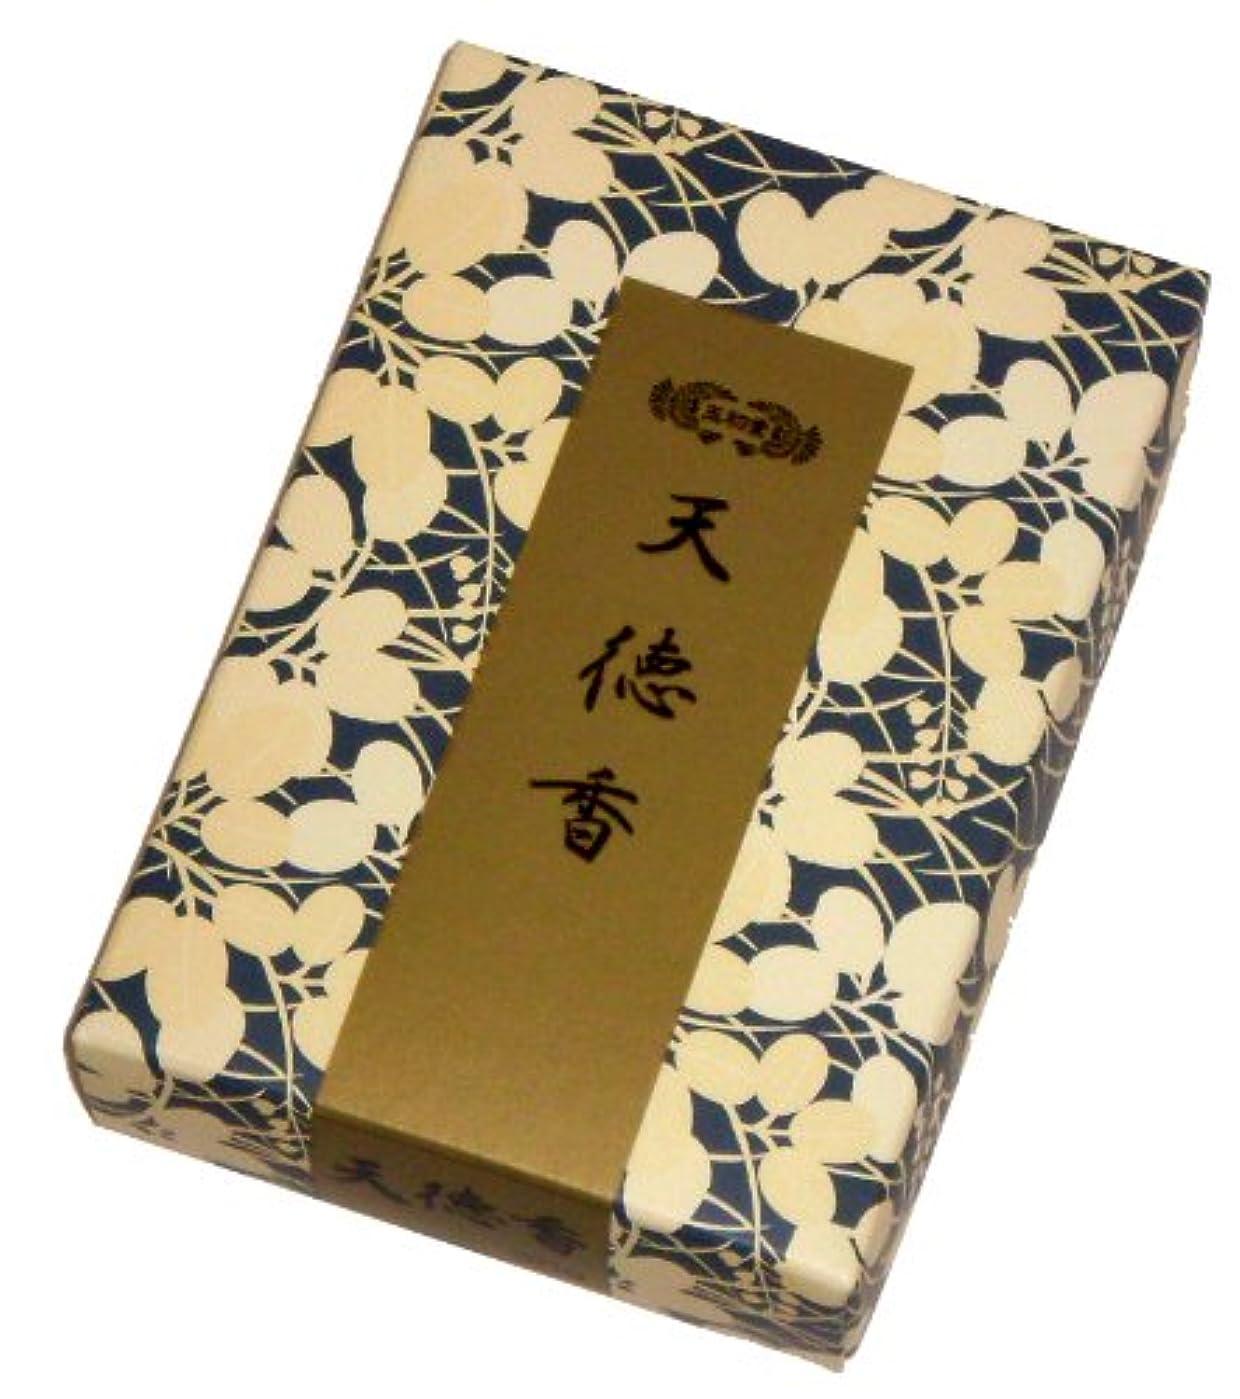 滑り台咲くサーバ玉初堂のお香 天徳香 30g #655